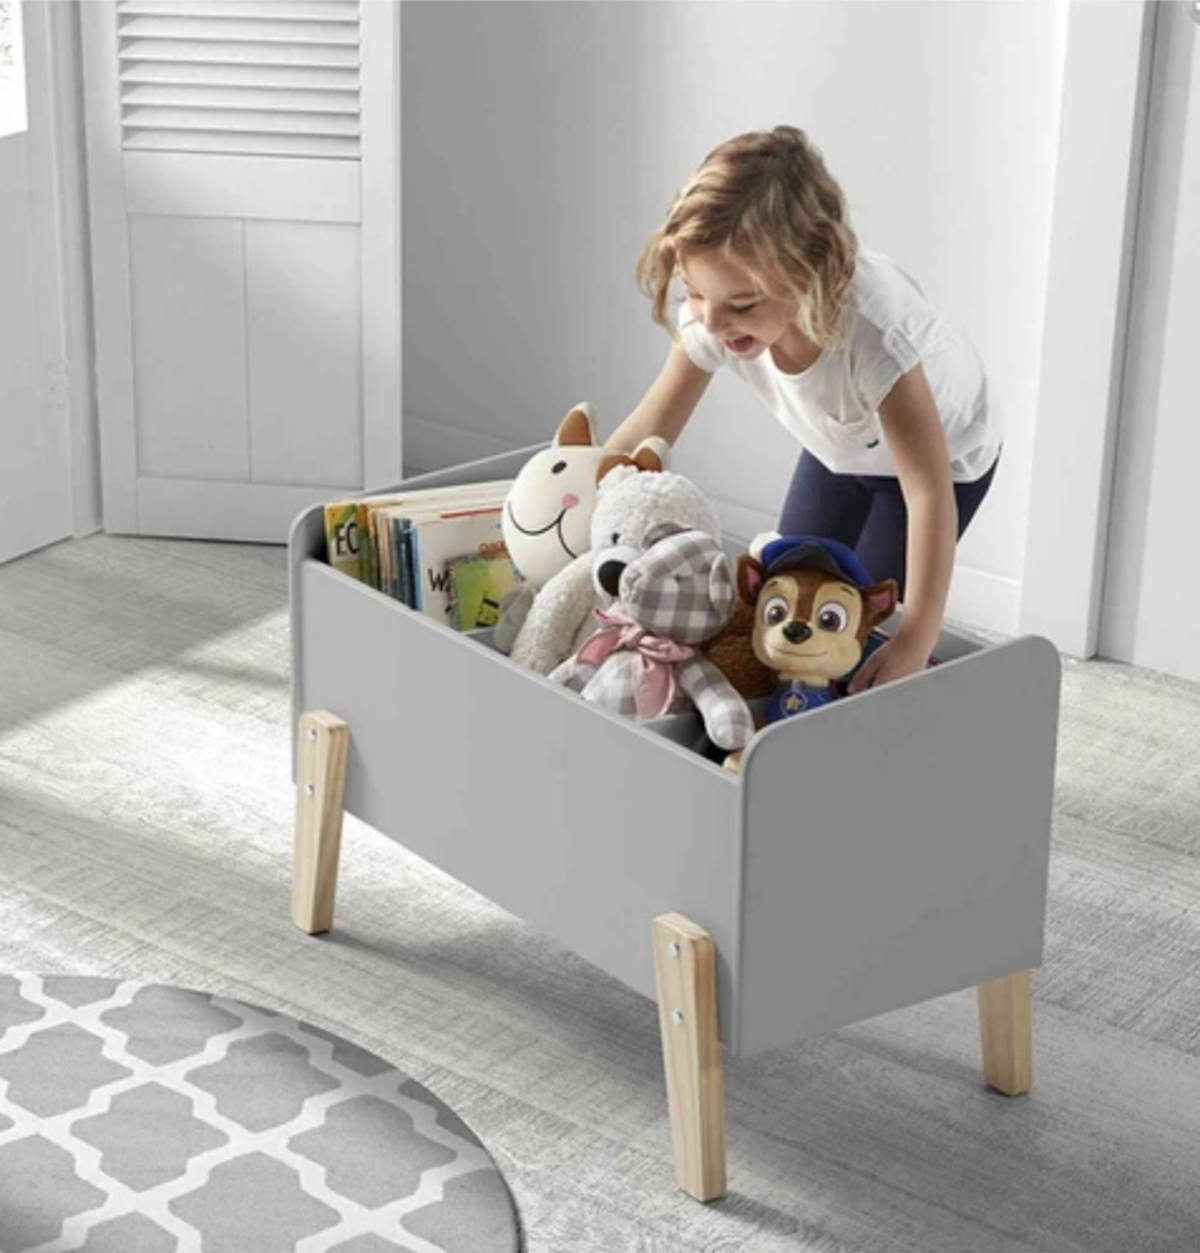 coffre jouet bois tapis rond sol parquet bois peluche livre enfant - blog déco - clematc